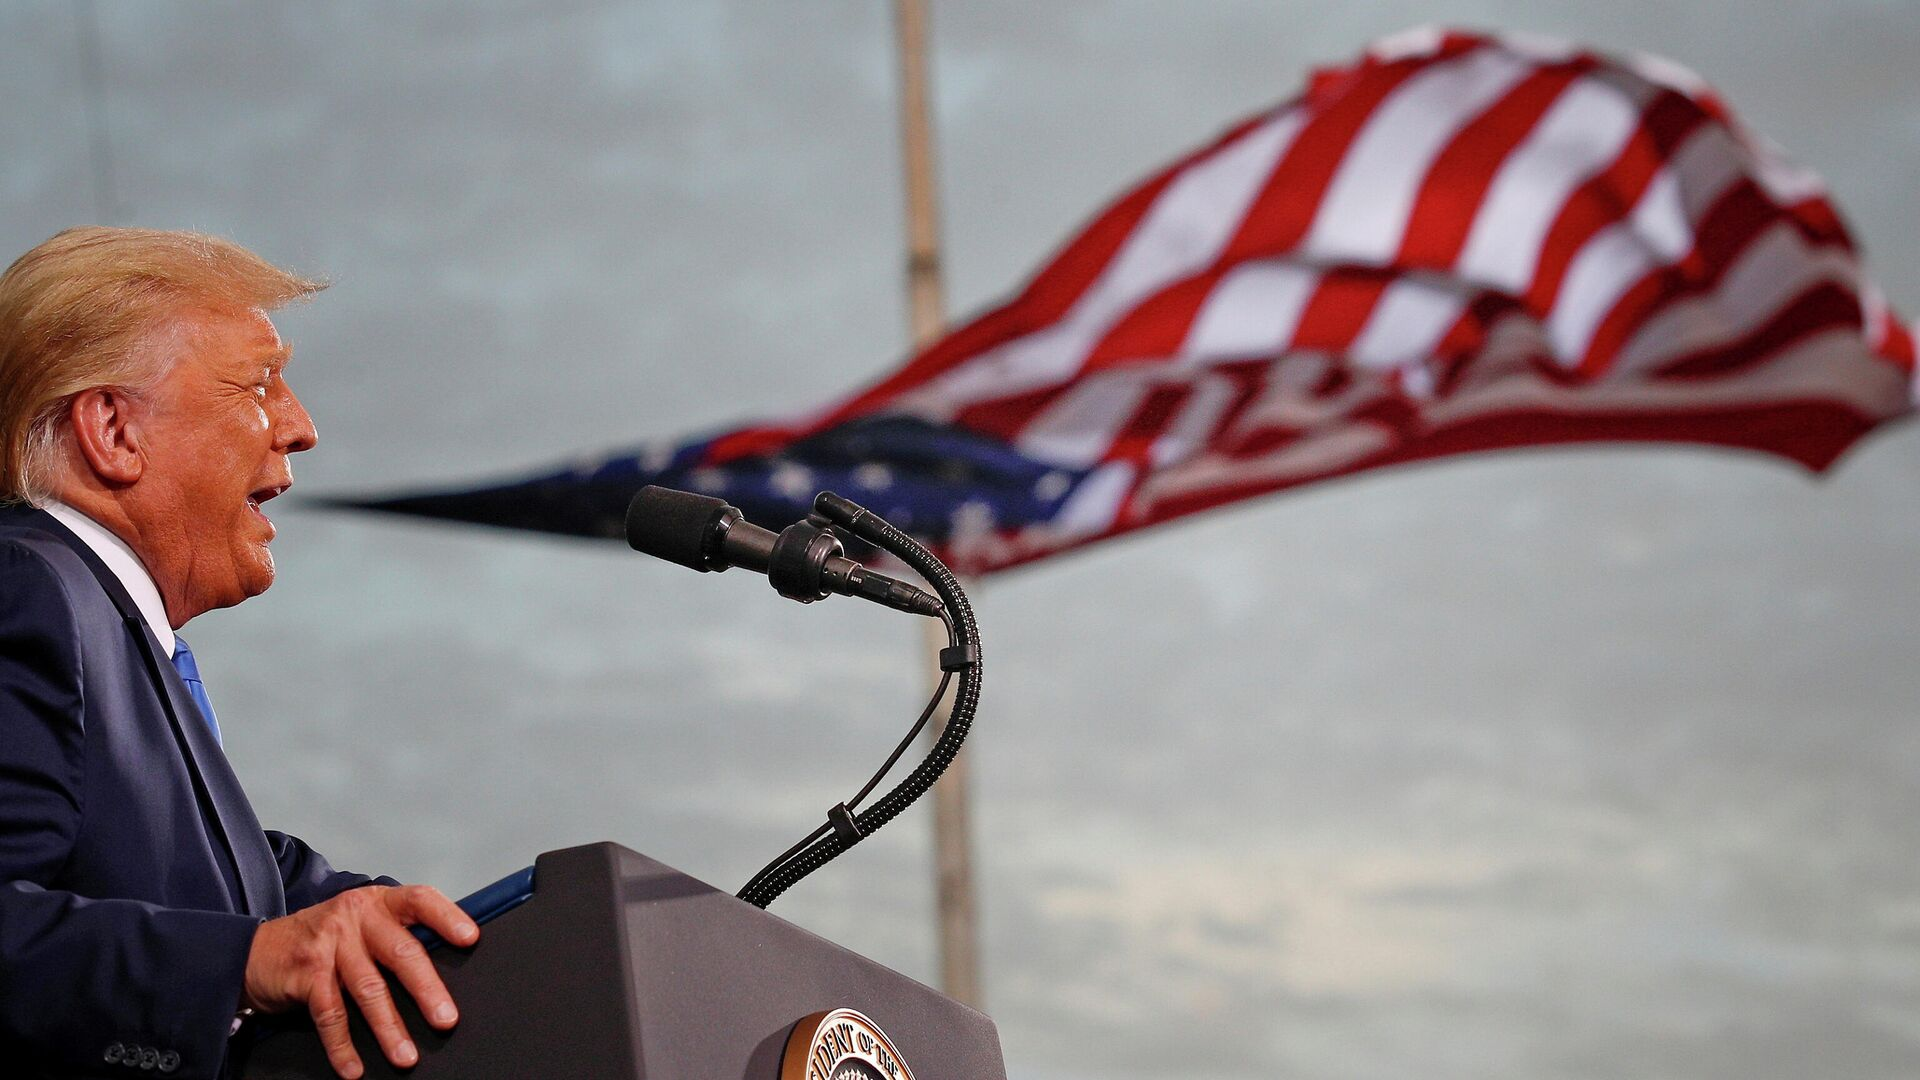 Президент США Дональд Трамп во время выступления в Джексонвилле - РИА Новости, 1920, 19.01.2021